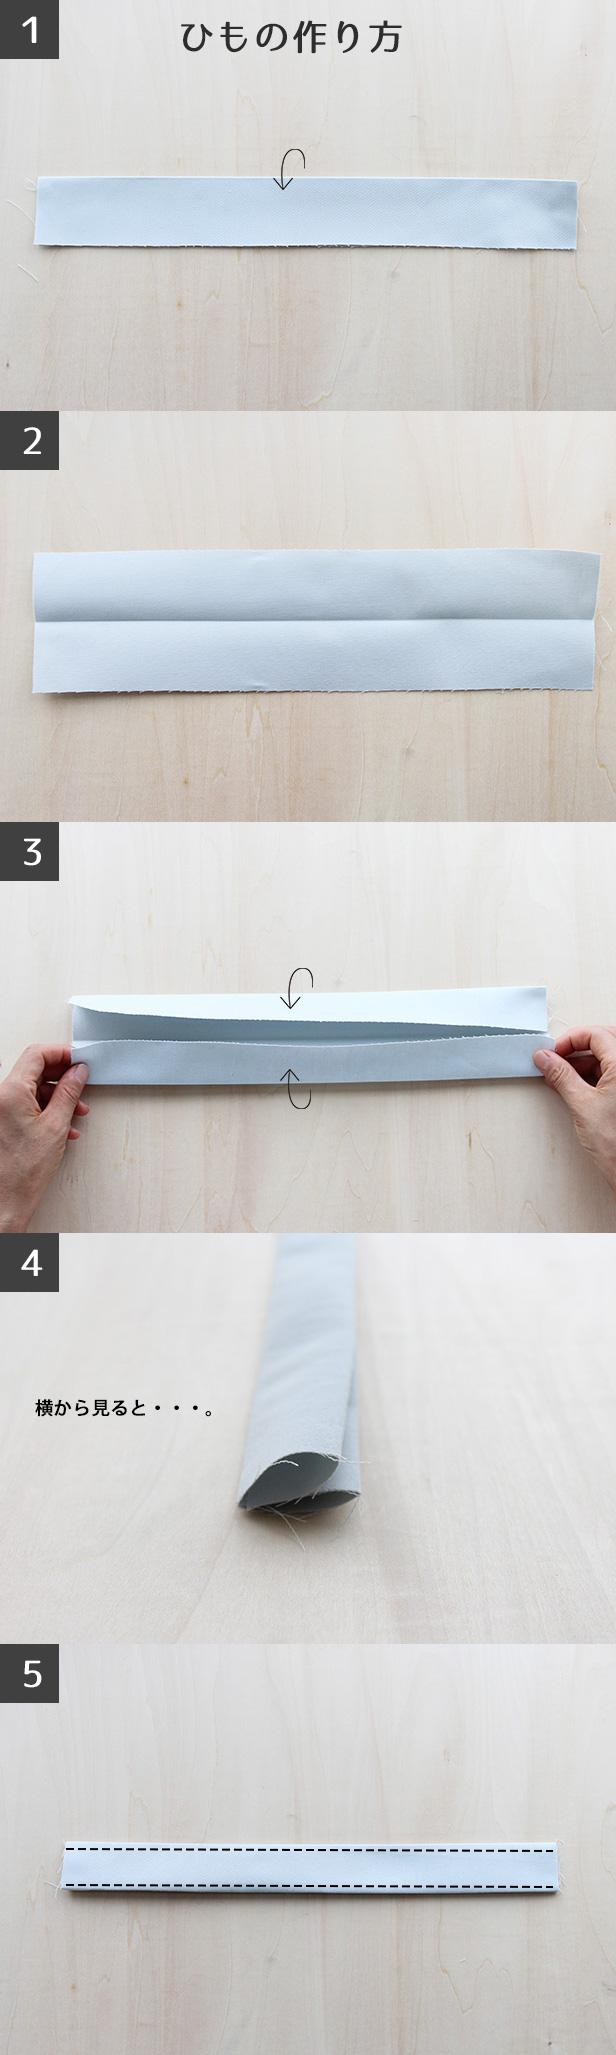 レッスンバッグ持ち手の作り方・付け方